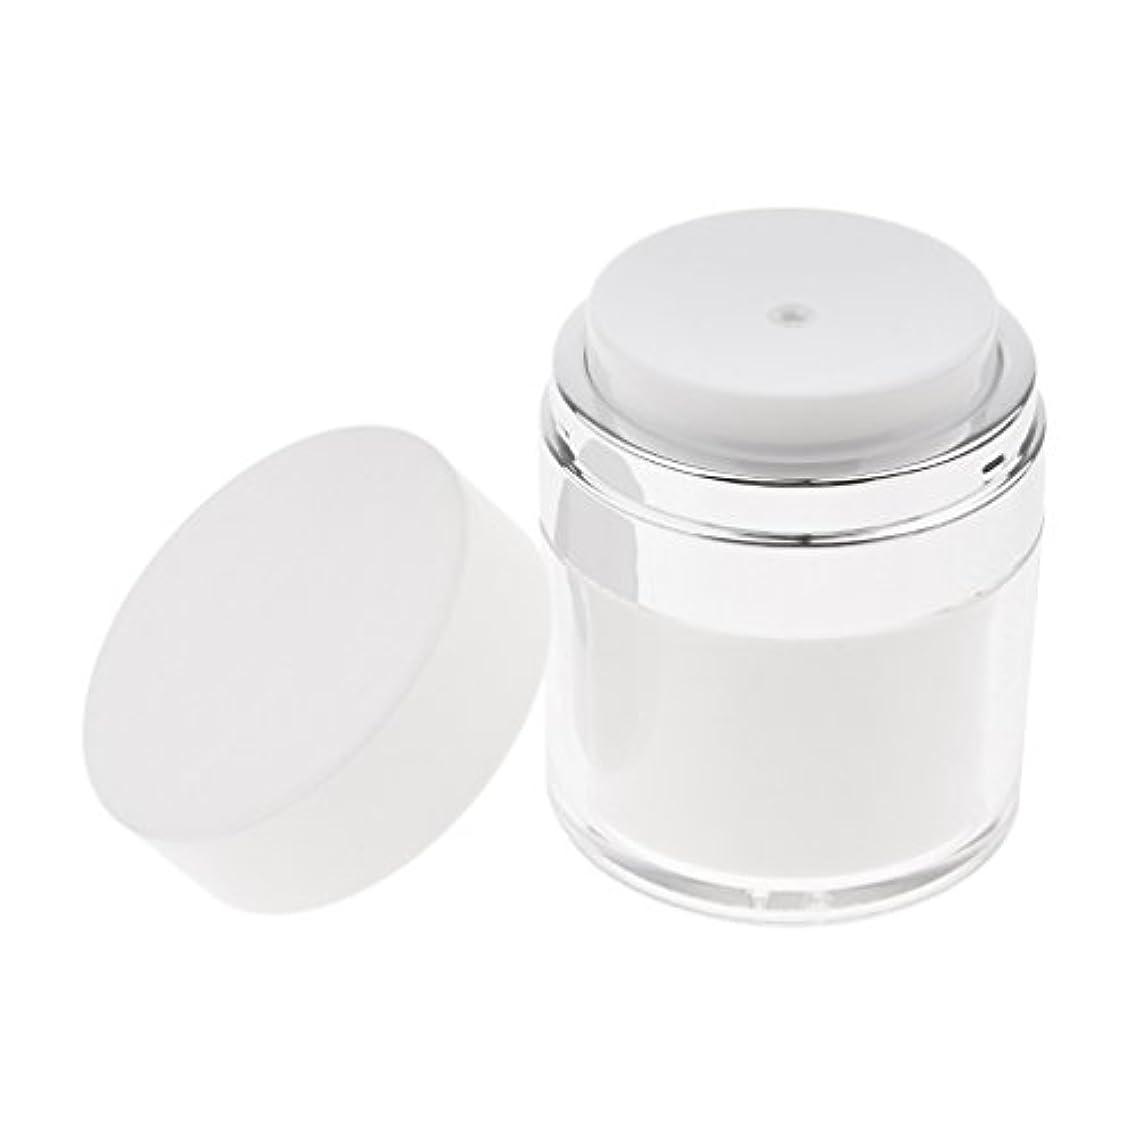 費やすコミットアナログKesoto メイク 空ケース プレスボトル クリーム 容器 メイクアップジャー 化粧品